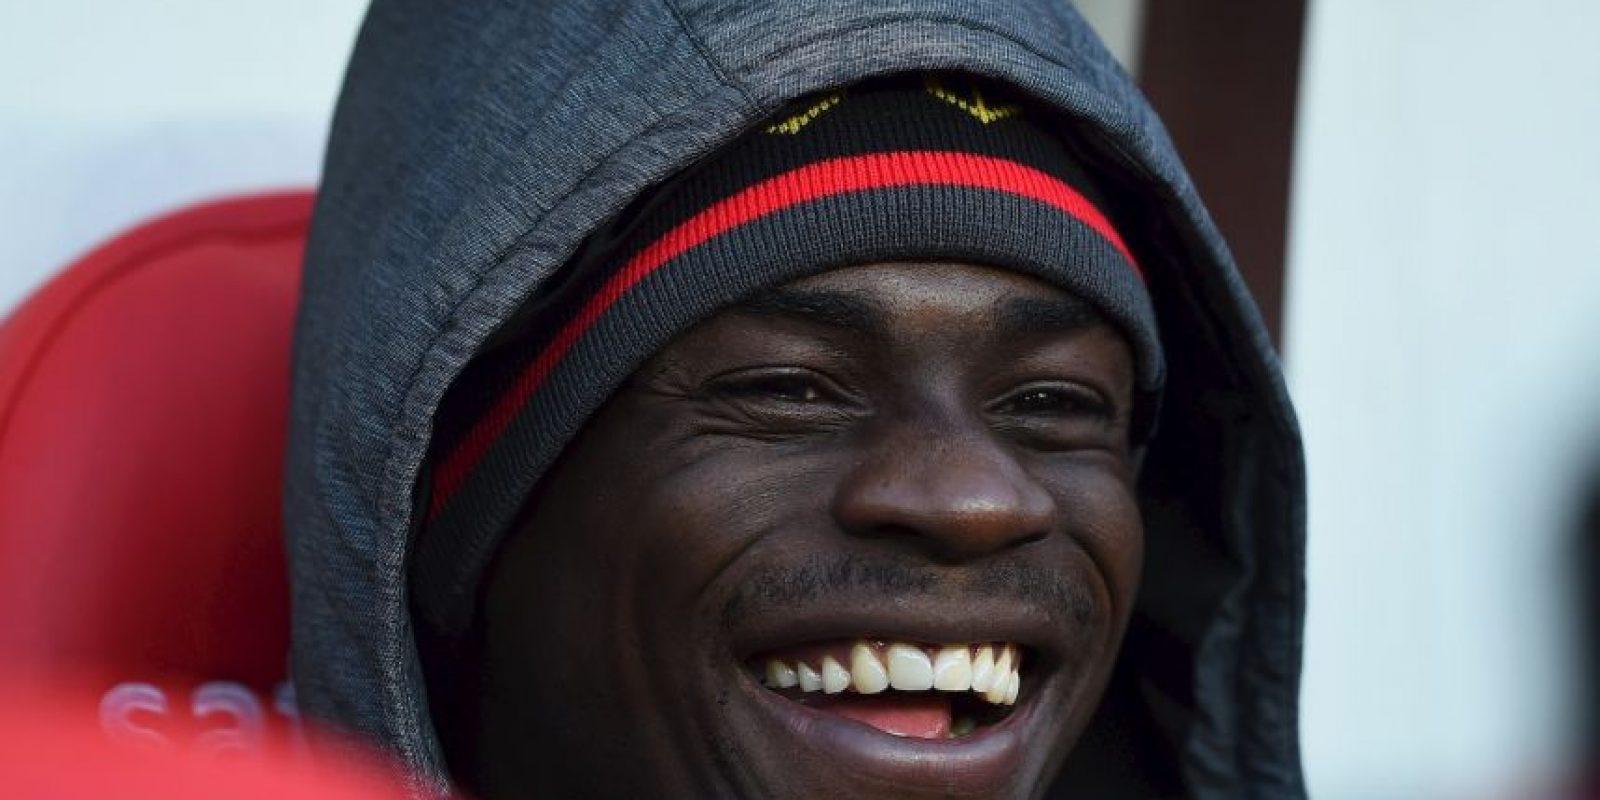 Mario Balotelli, delantero del Liverpool, ha sido un futbolista lleno de polémicas a lo largo de su carrera. Foto:Getty Images